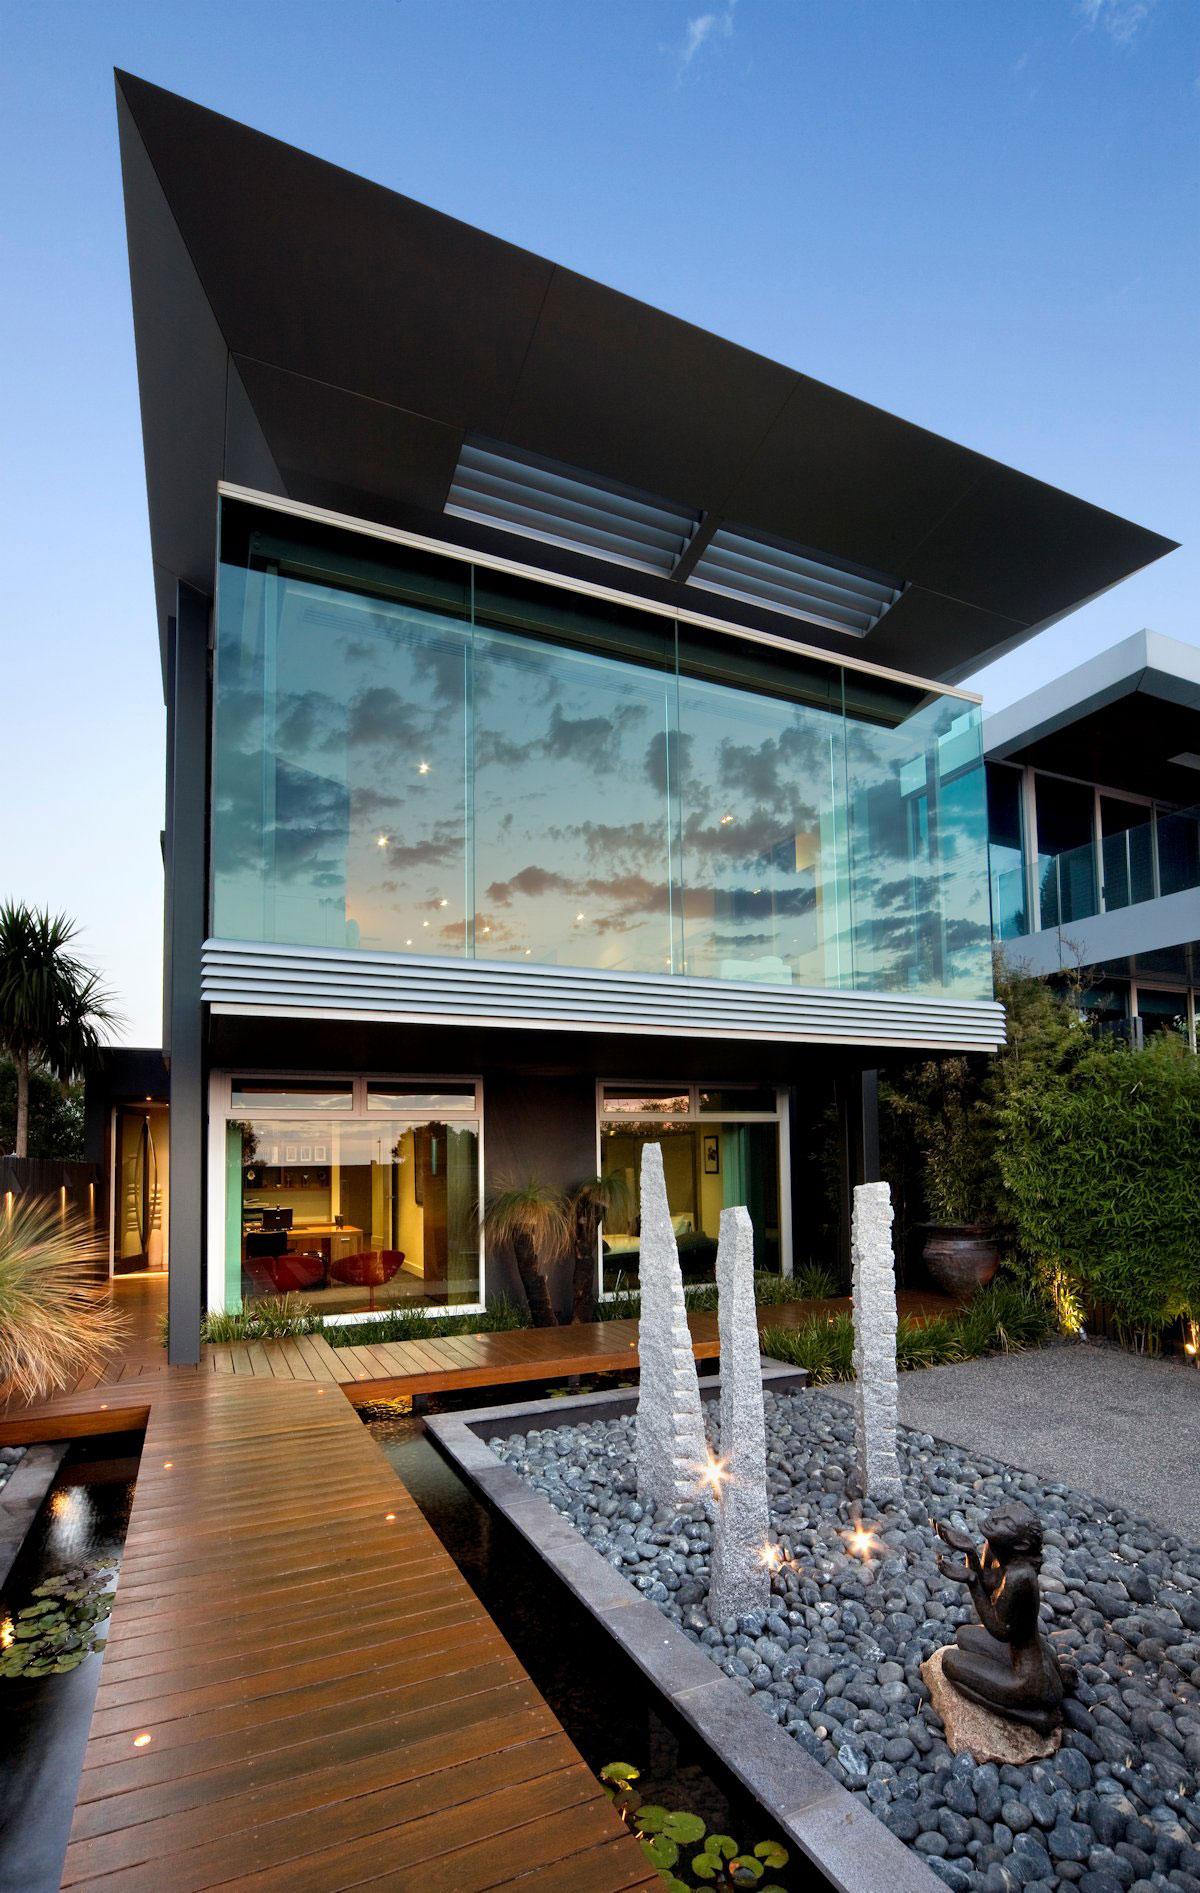 Esplanade-House-by-Finnis-Architects Australisk arkitektur och några vackra hus för att inspirera dig